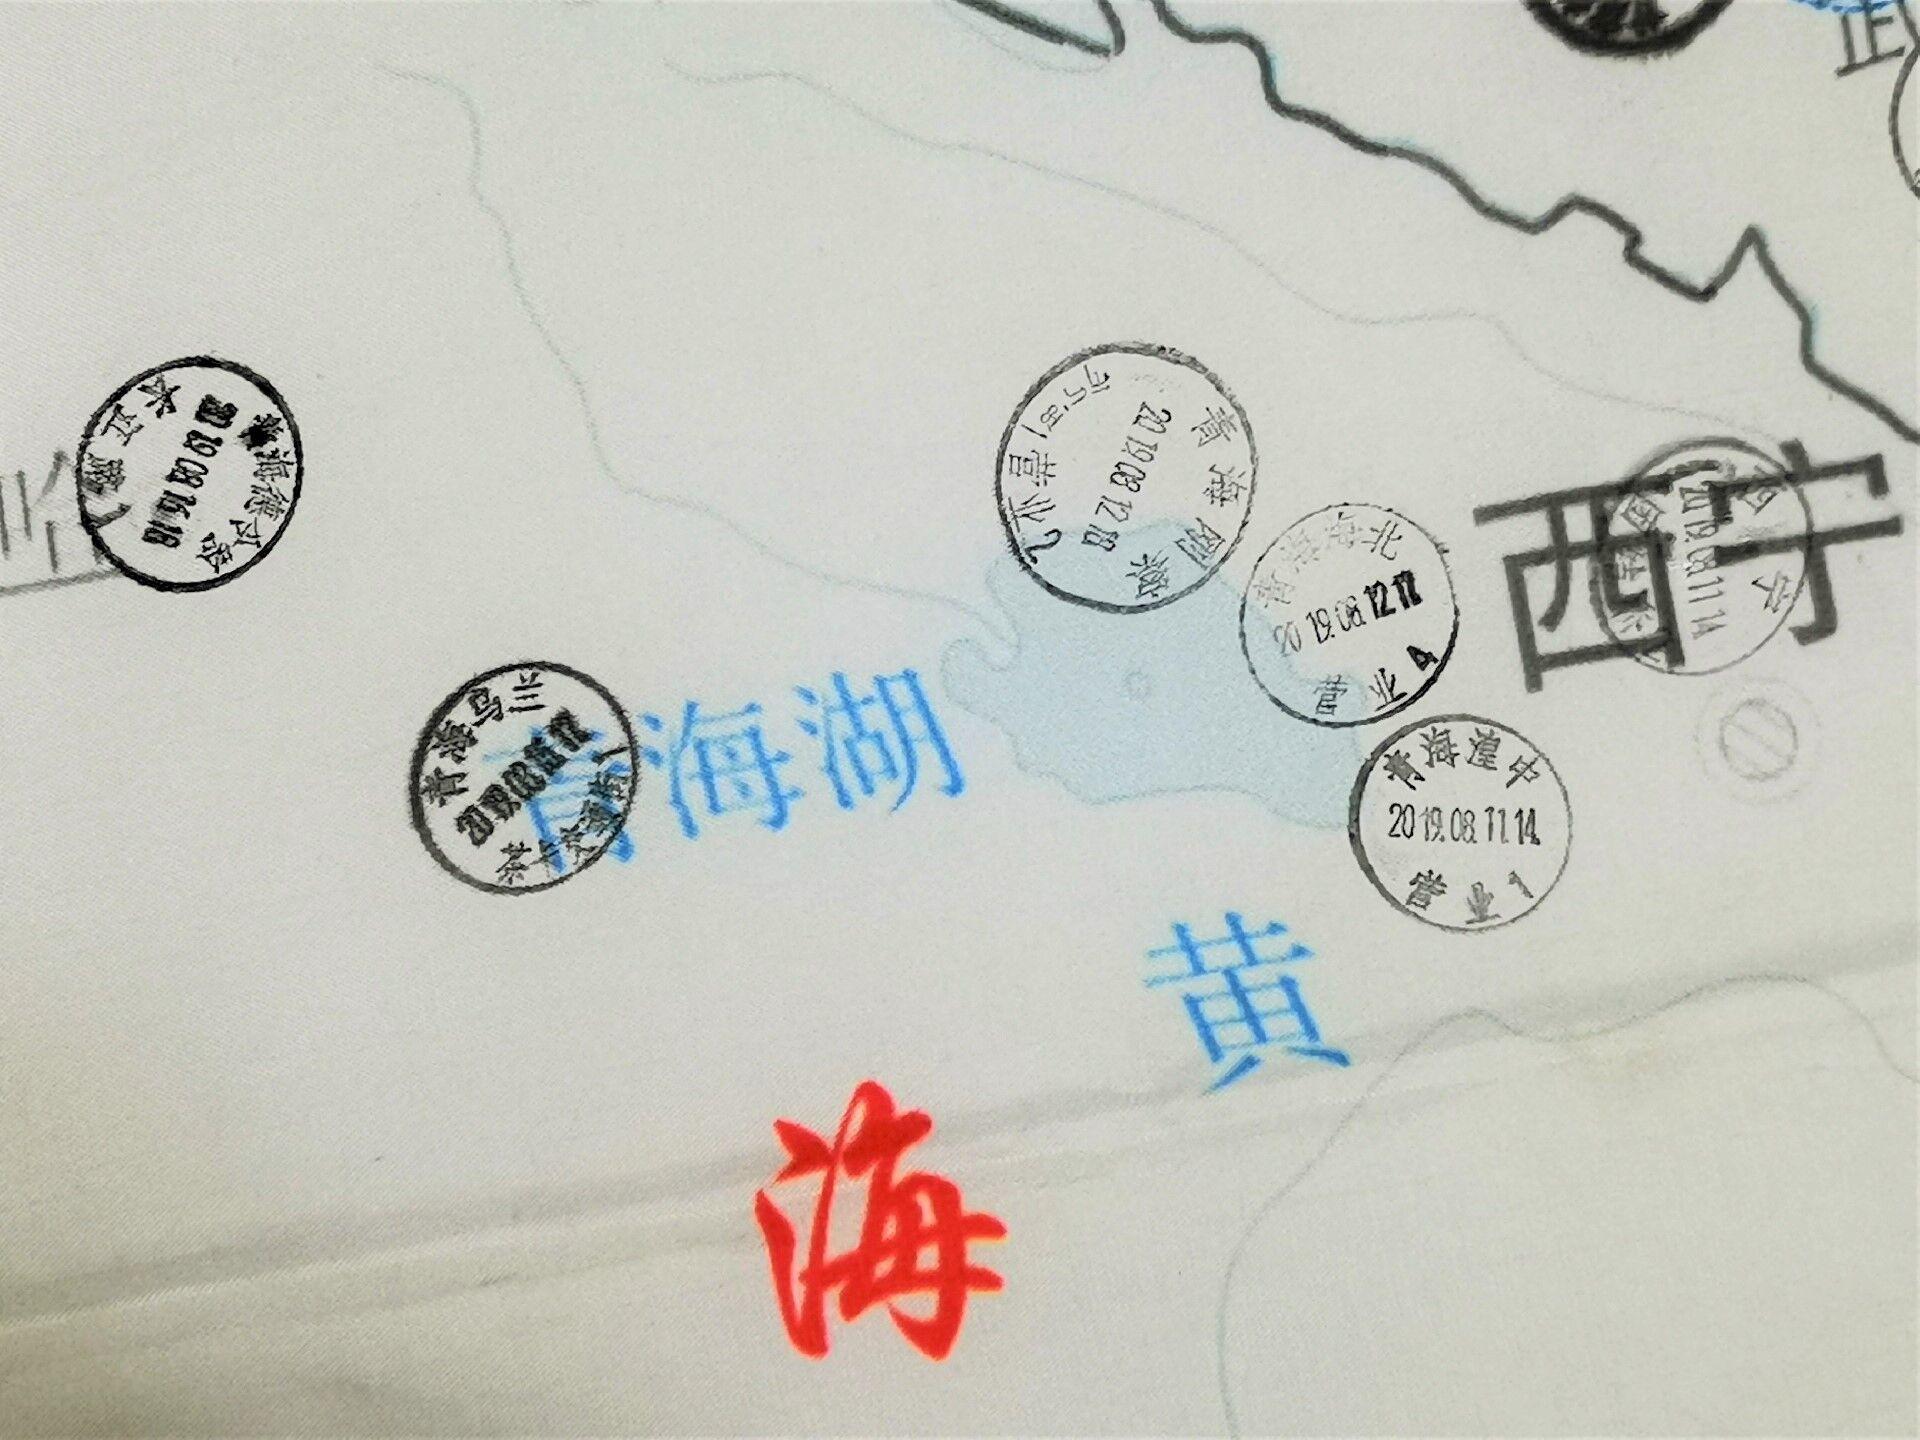 抖音同款旅行纪念邮戳地图布艺盖章地图网红打卡地图抖音打卡盖章